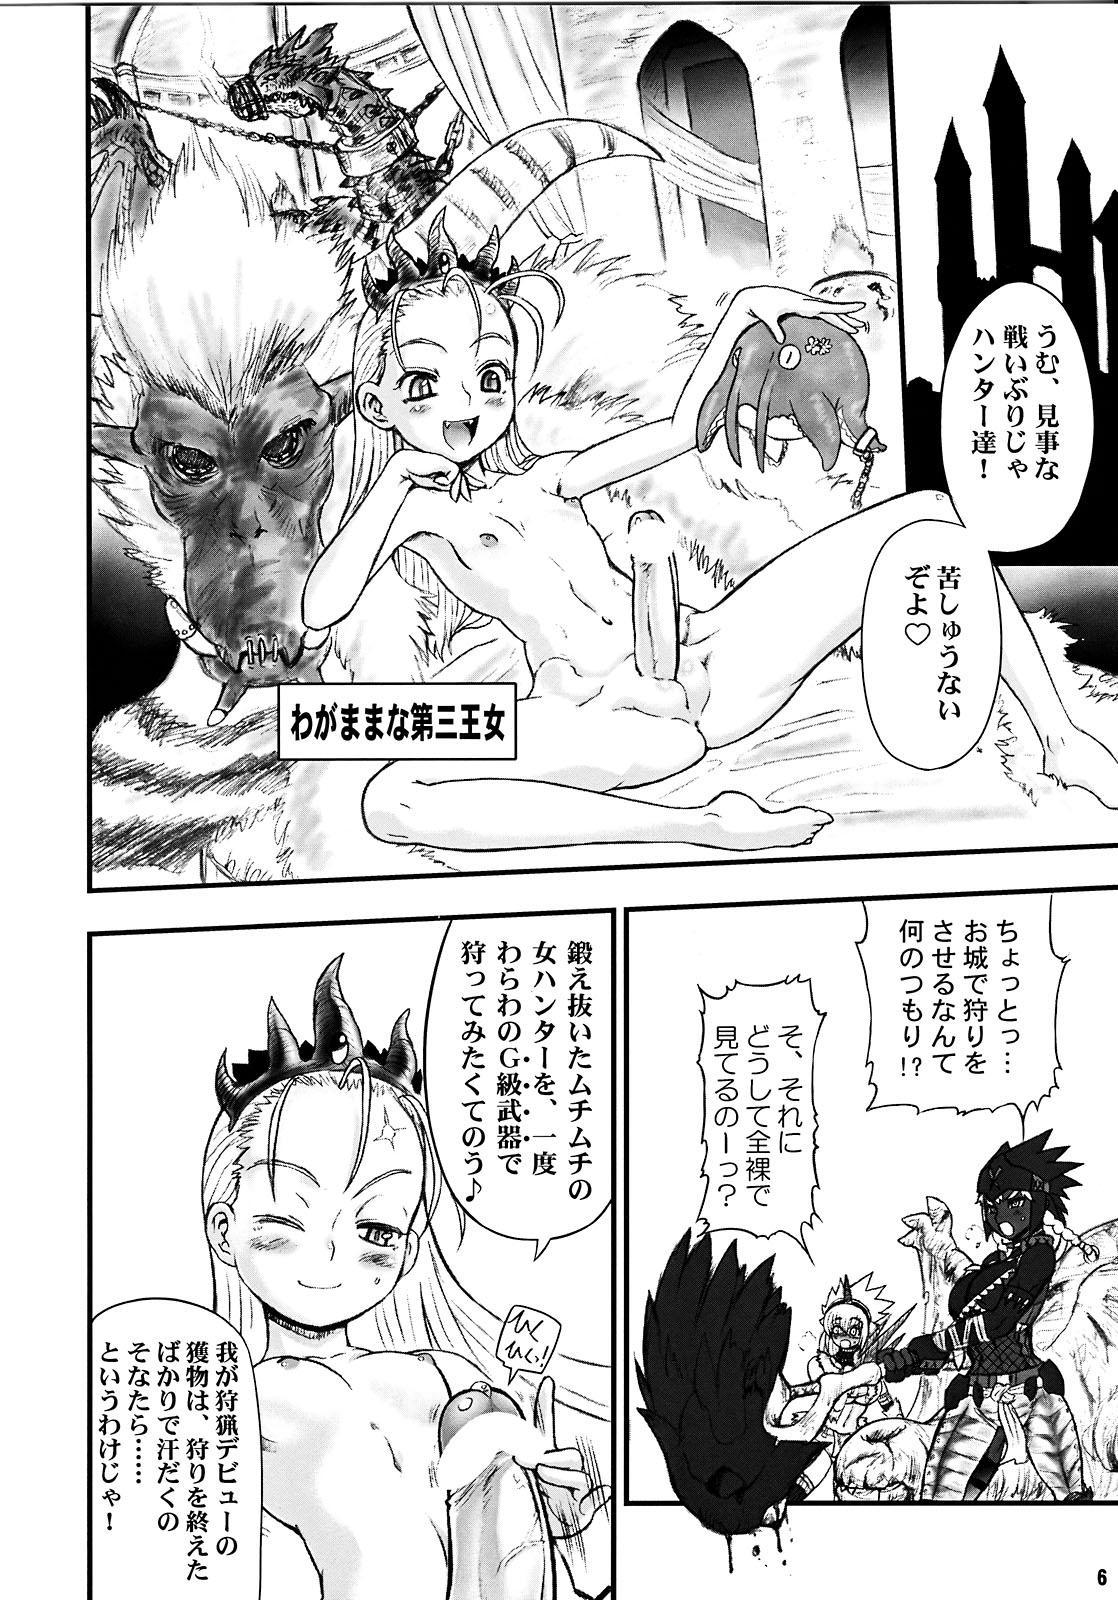 Wagamama Oujo no Hunter dai Renzoku Shuryou! Kai 5